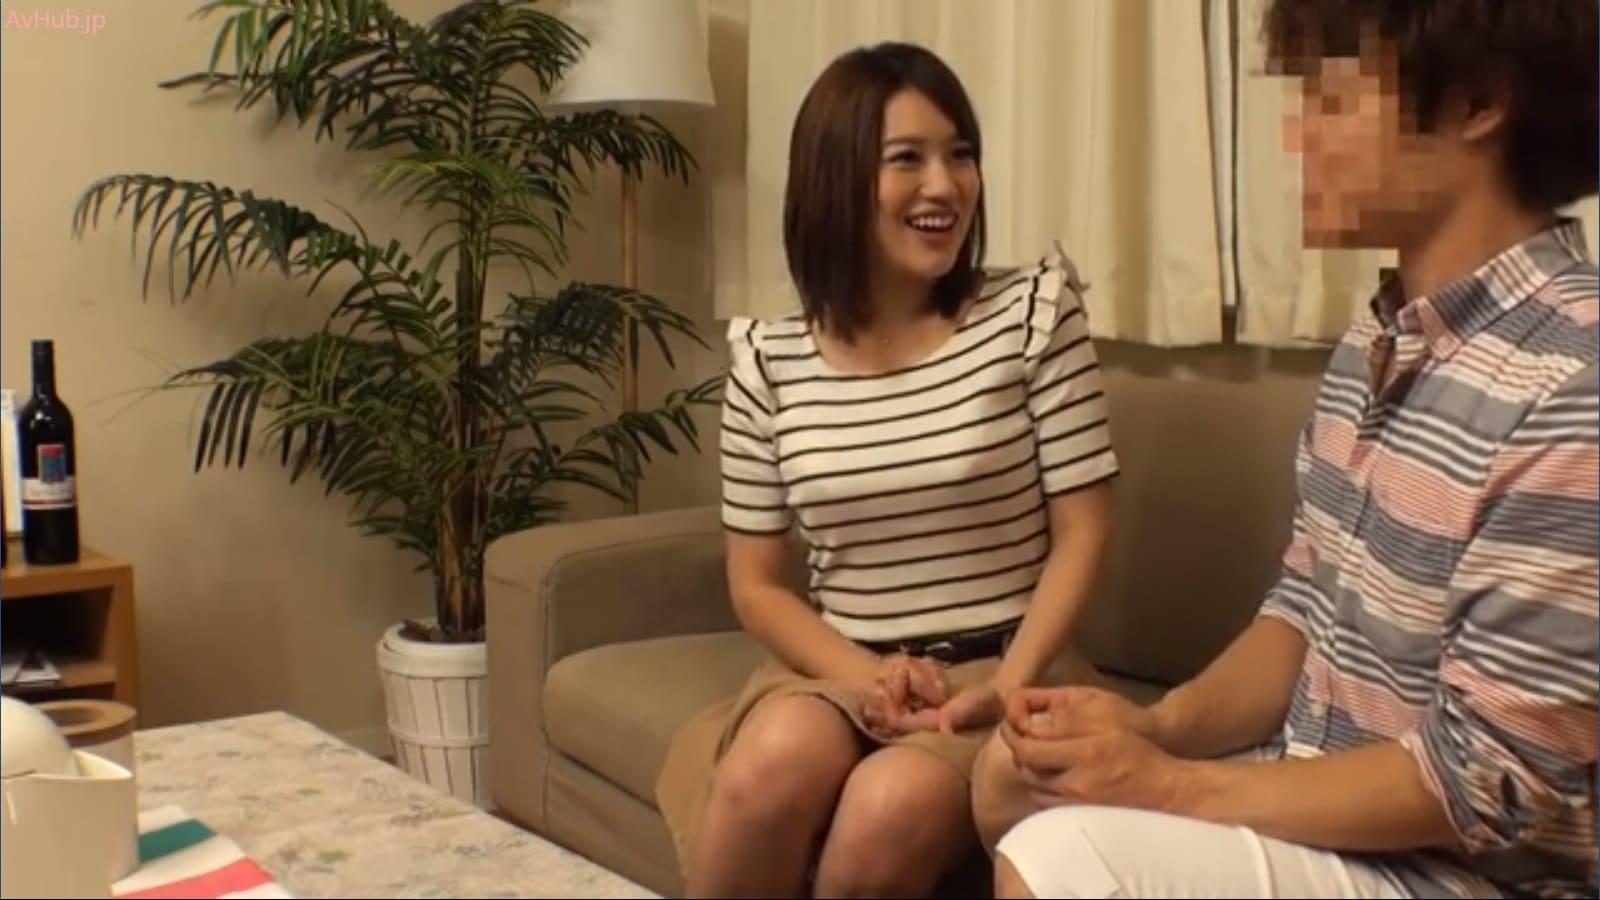 本田莉子が入院患者を自宅に招待